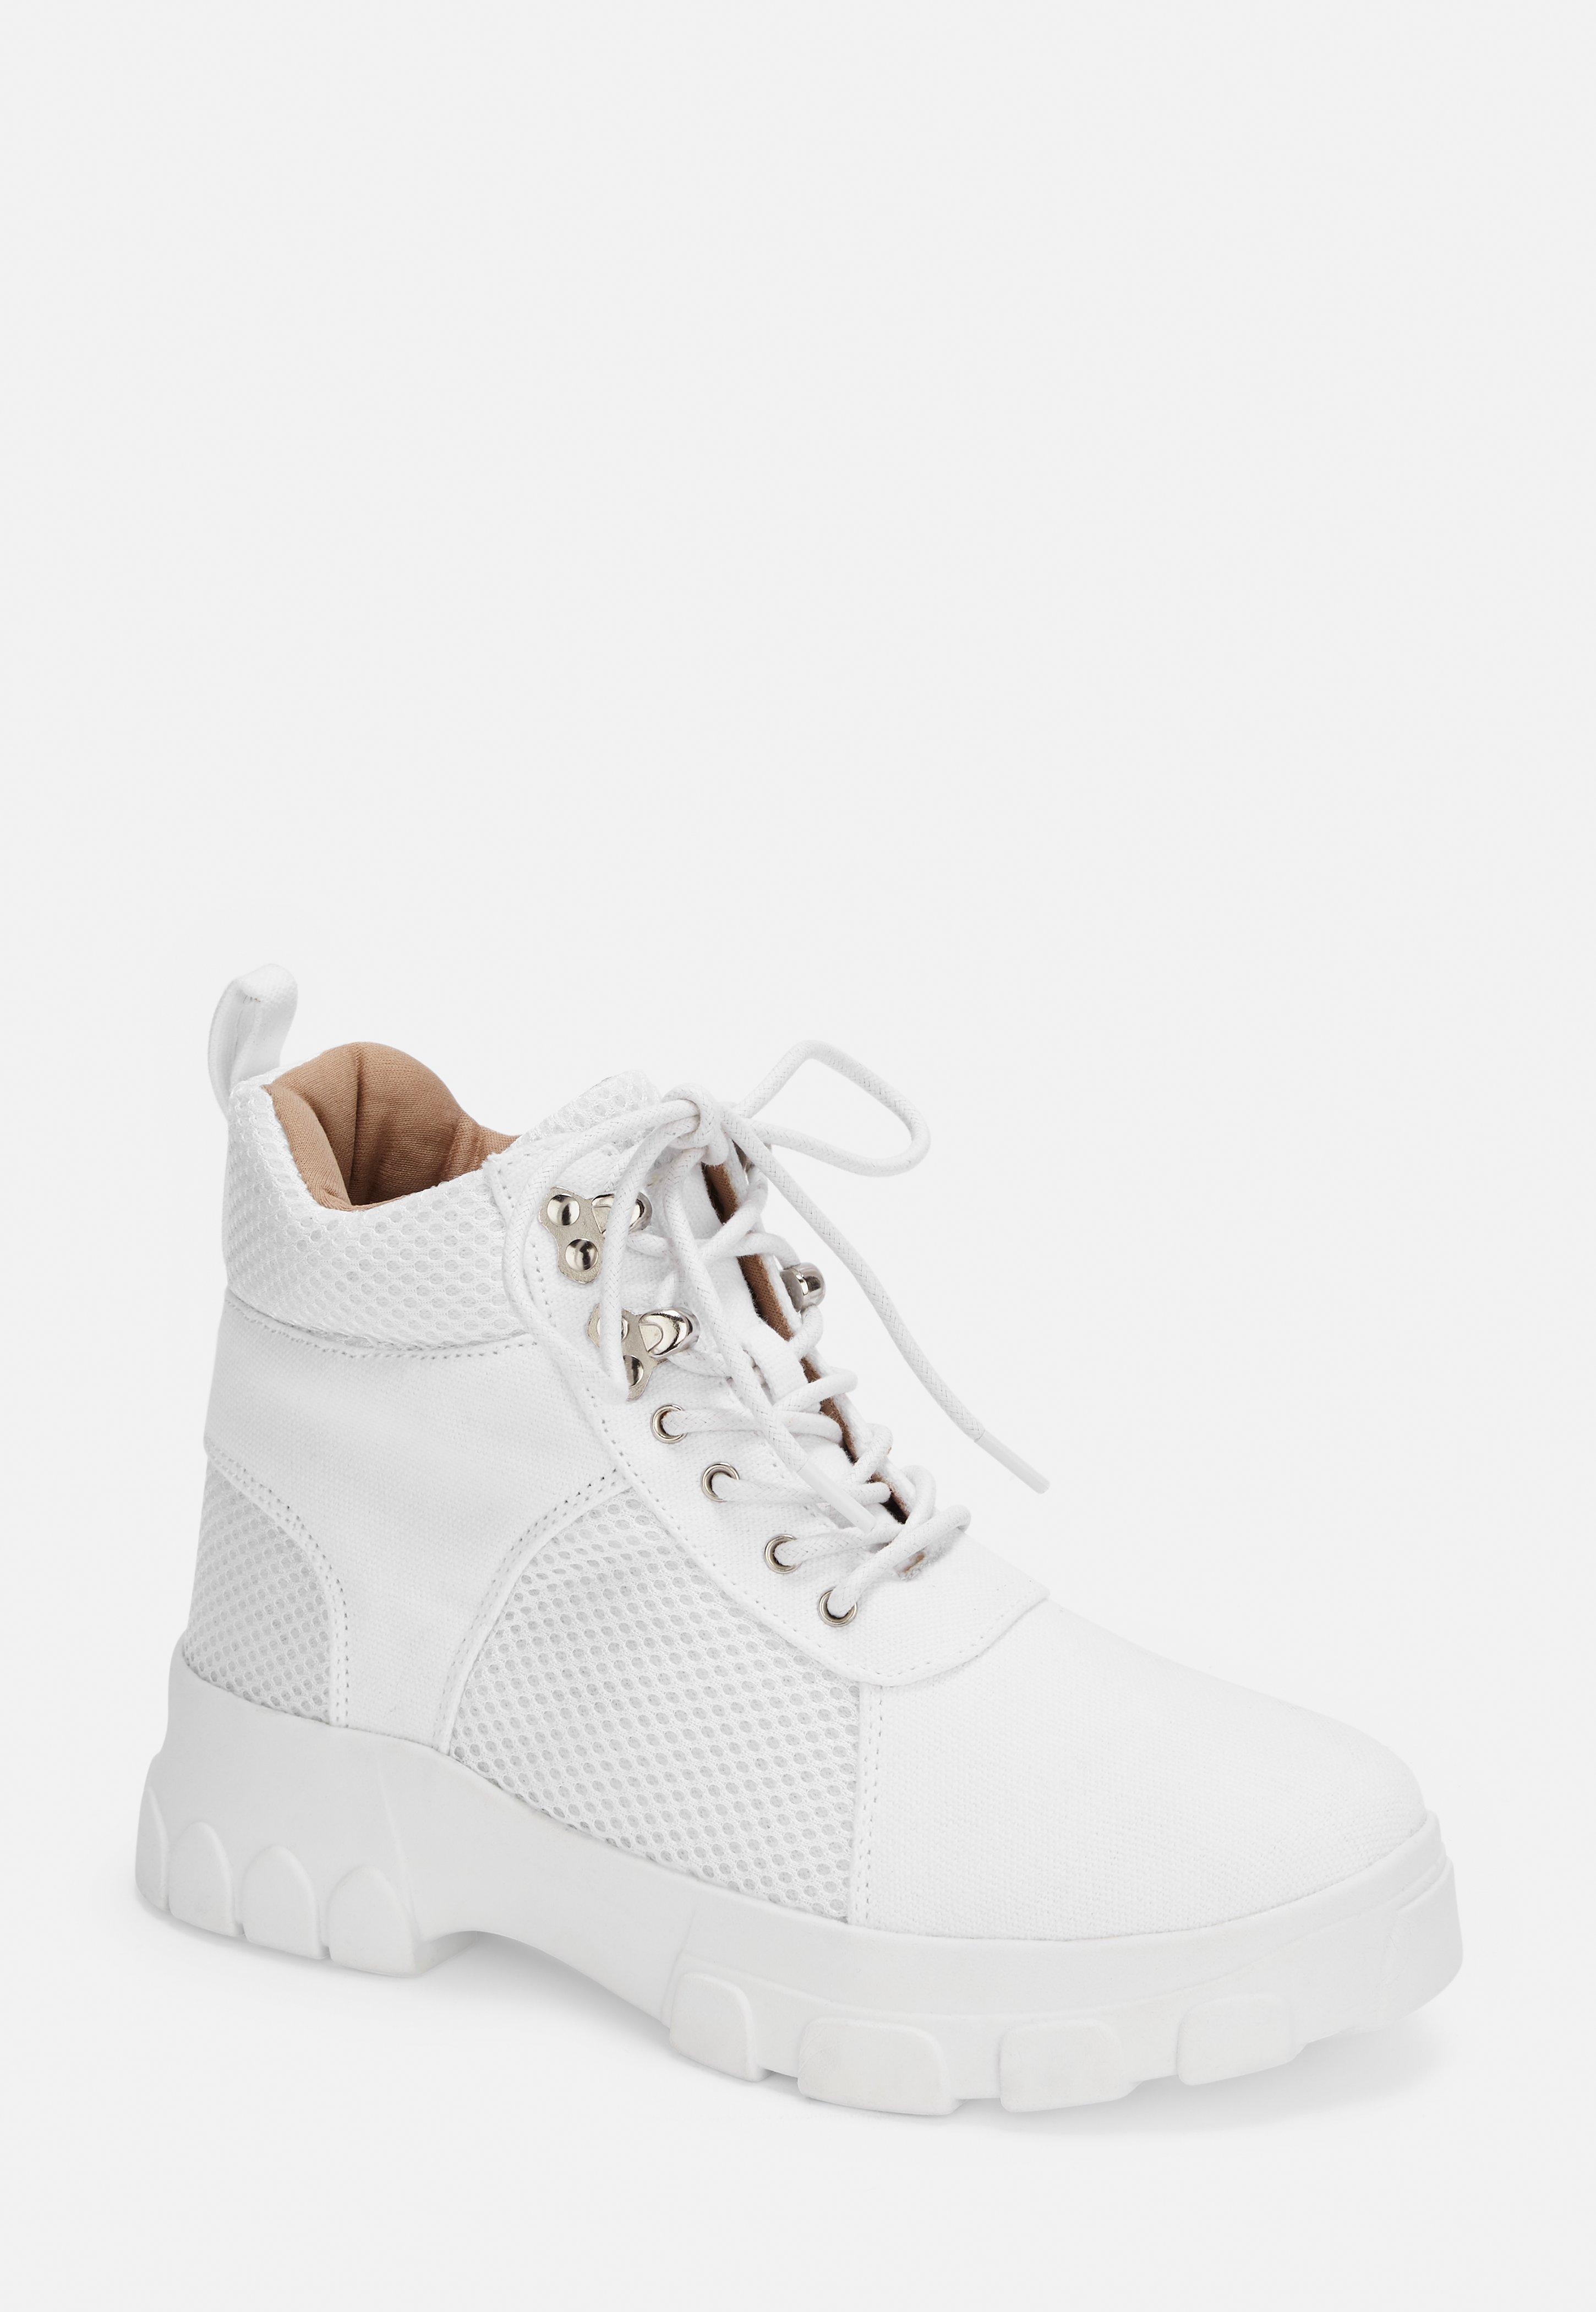 Sneaker im Wanderstil mit Schnürung und dicker Sohle in Weiß